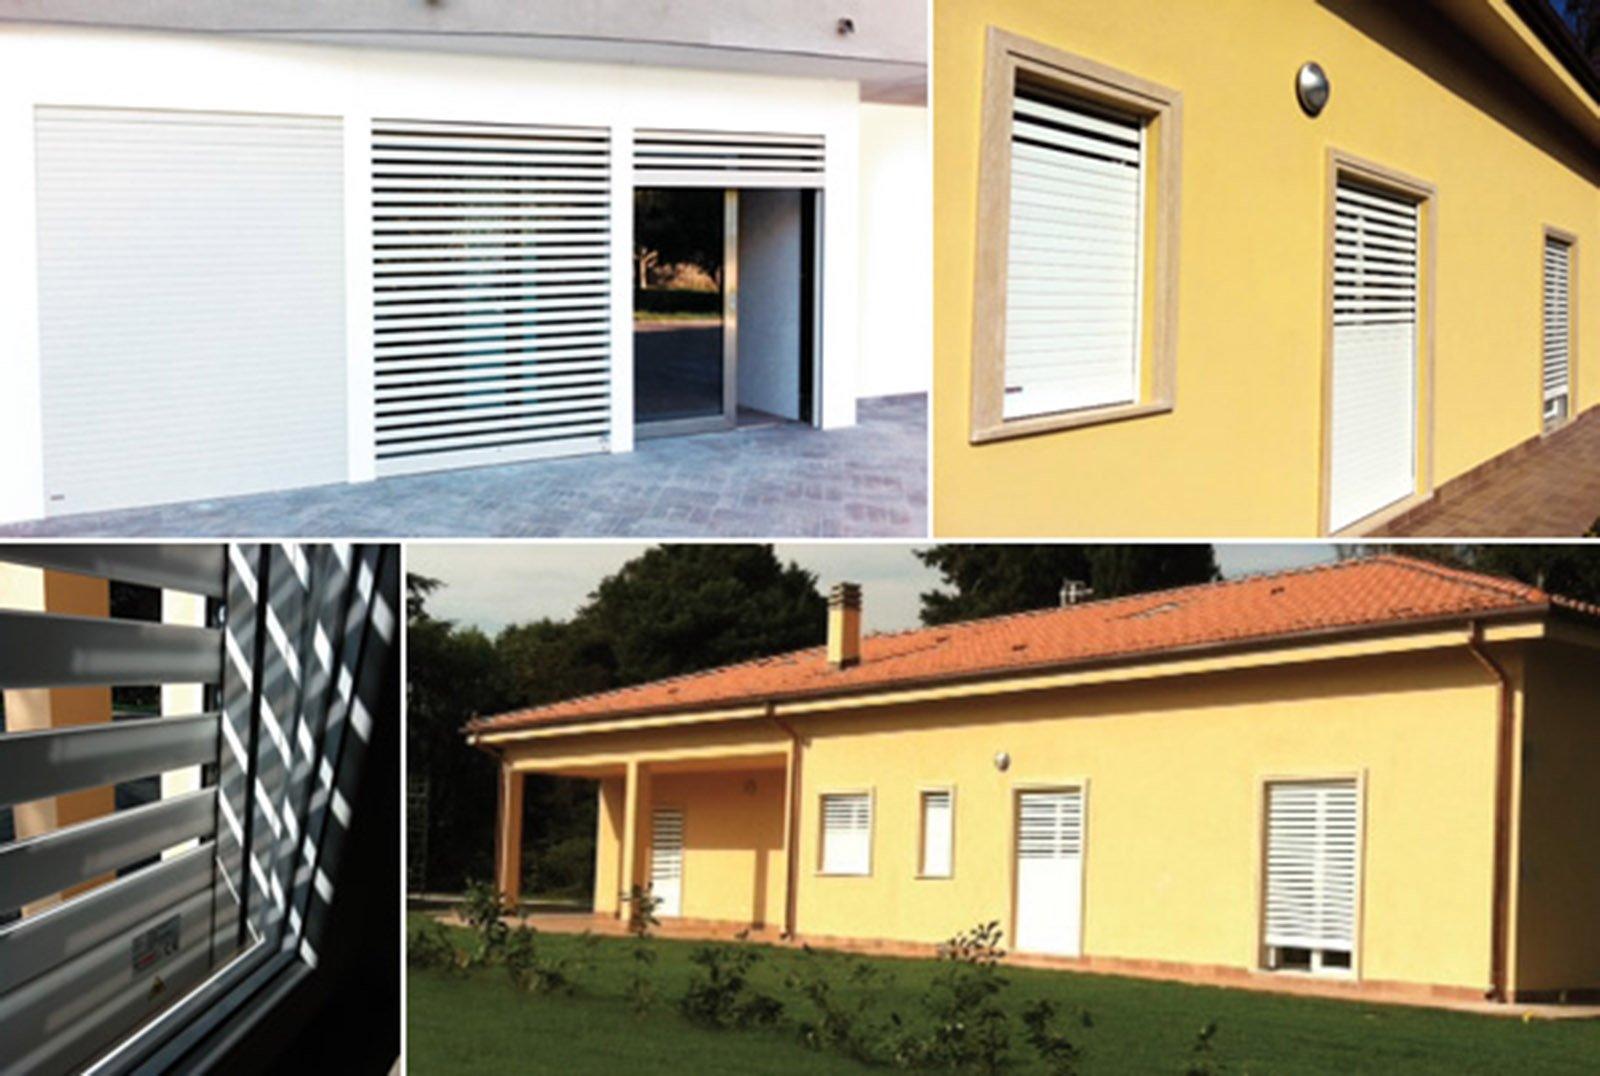 Tapparelle per aumentare sicurezza cose di casa for Tapparelle per lucernari prezzi